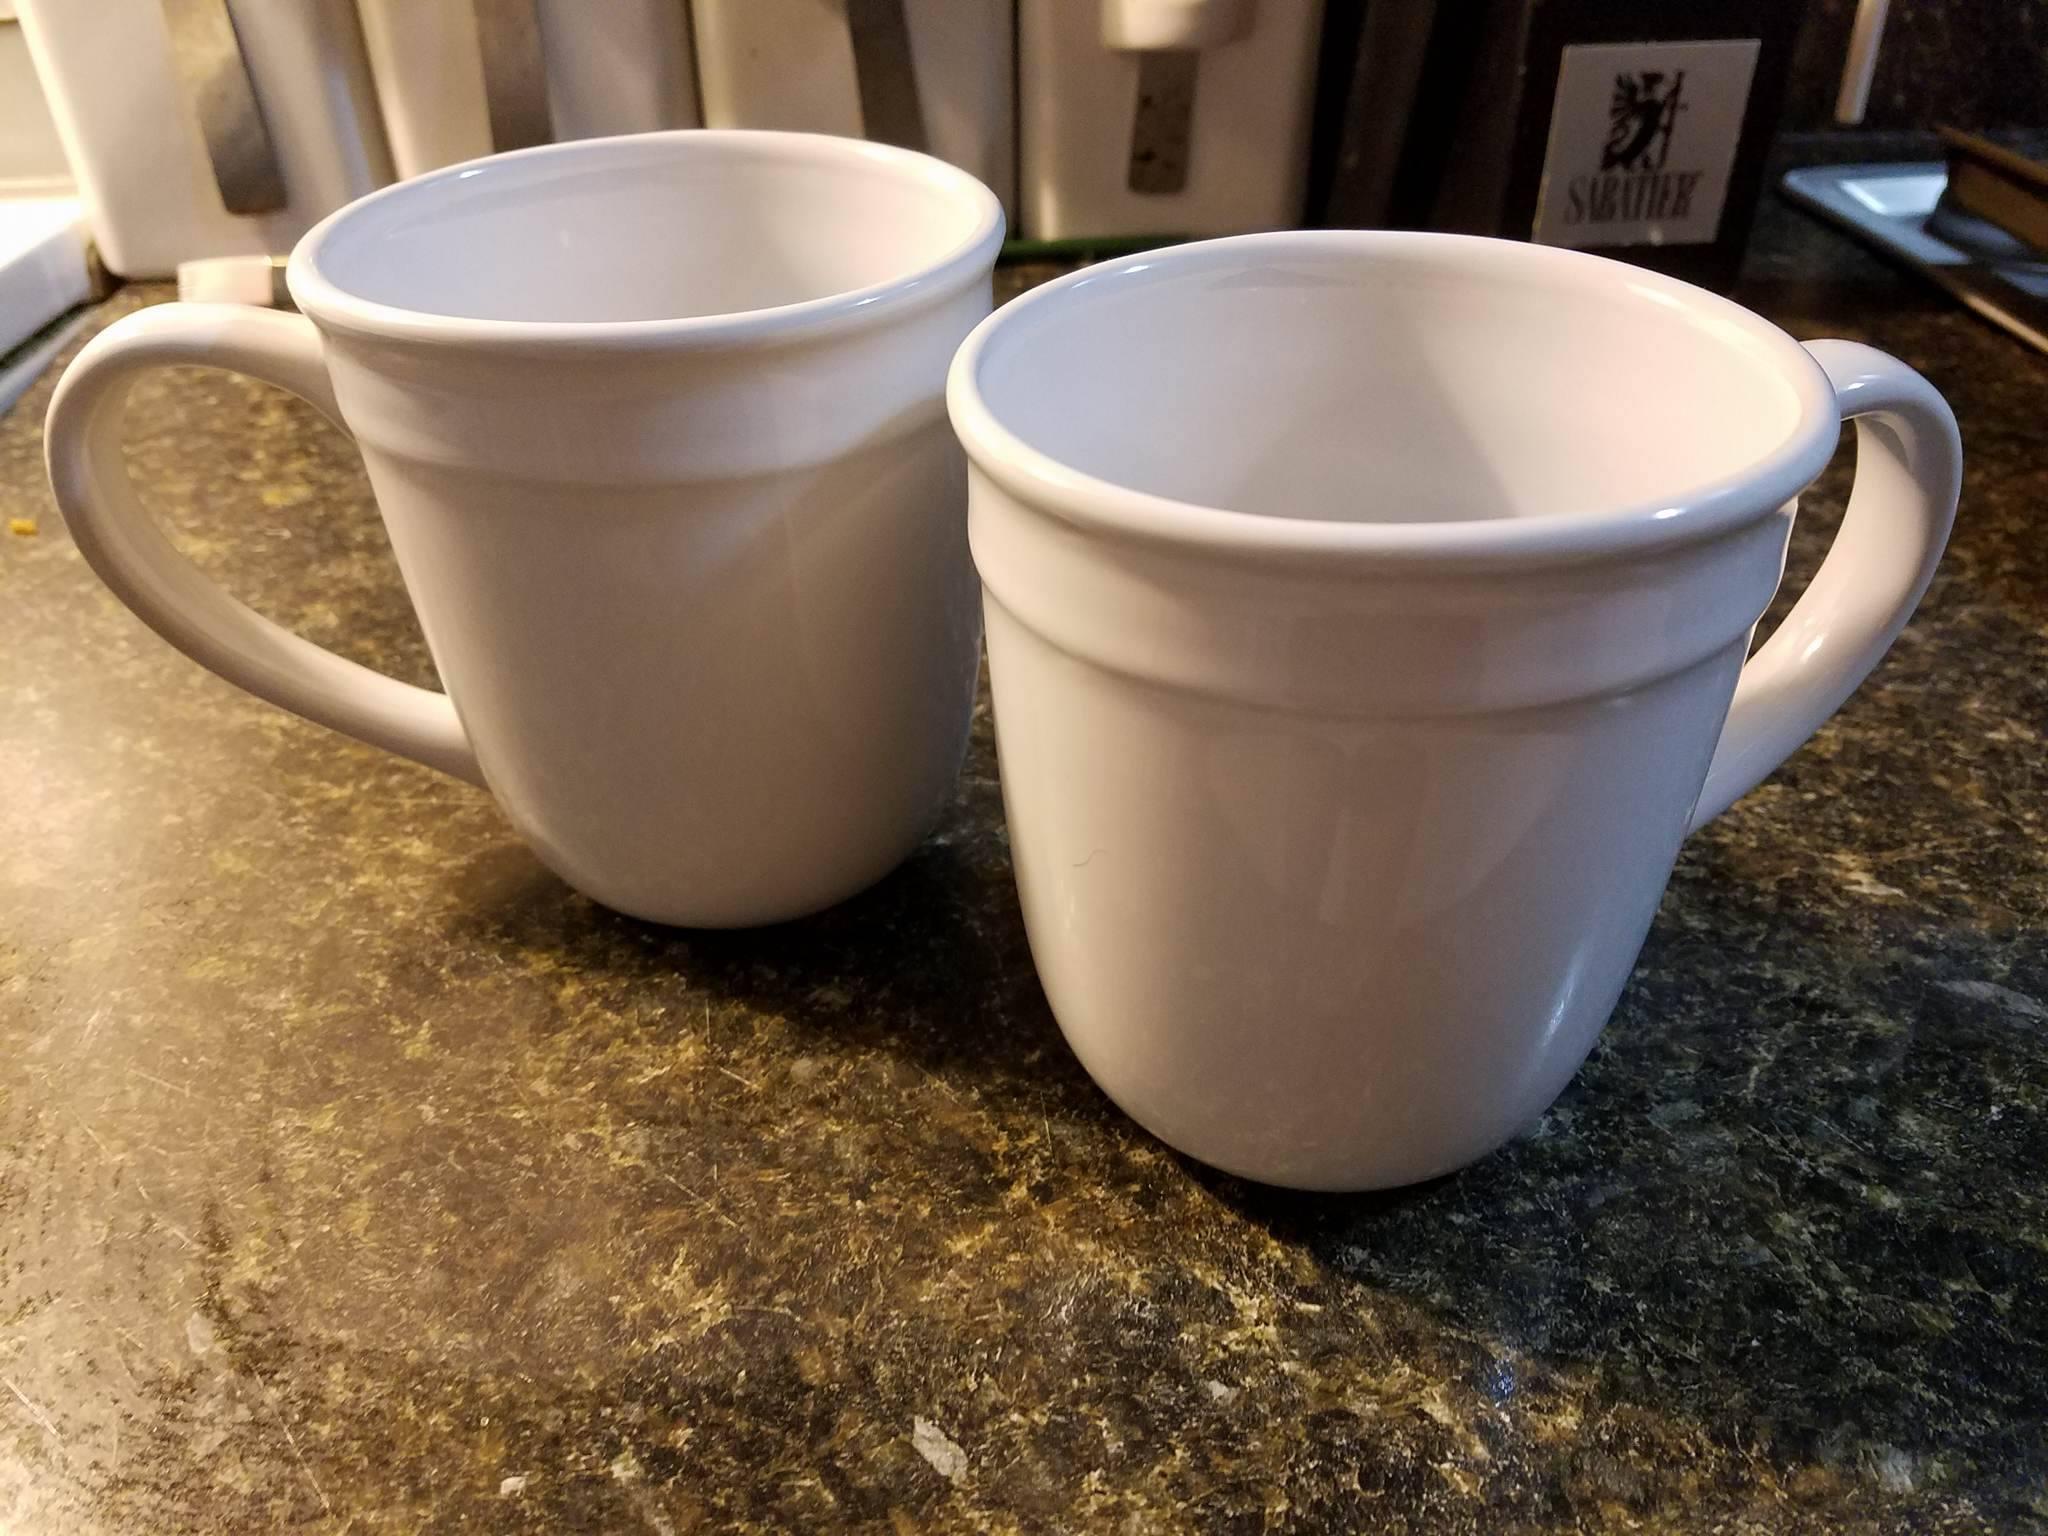 White Mugs from Walmart